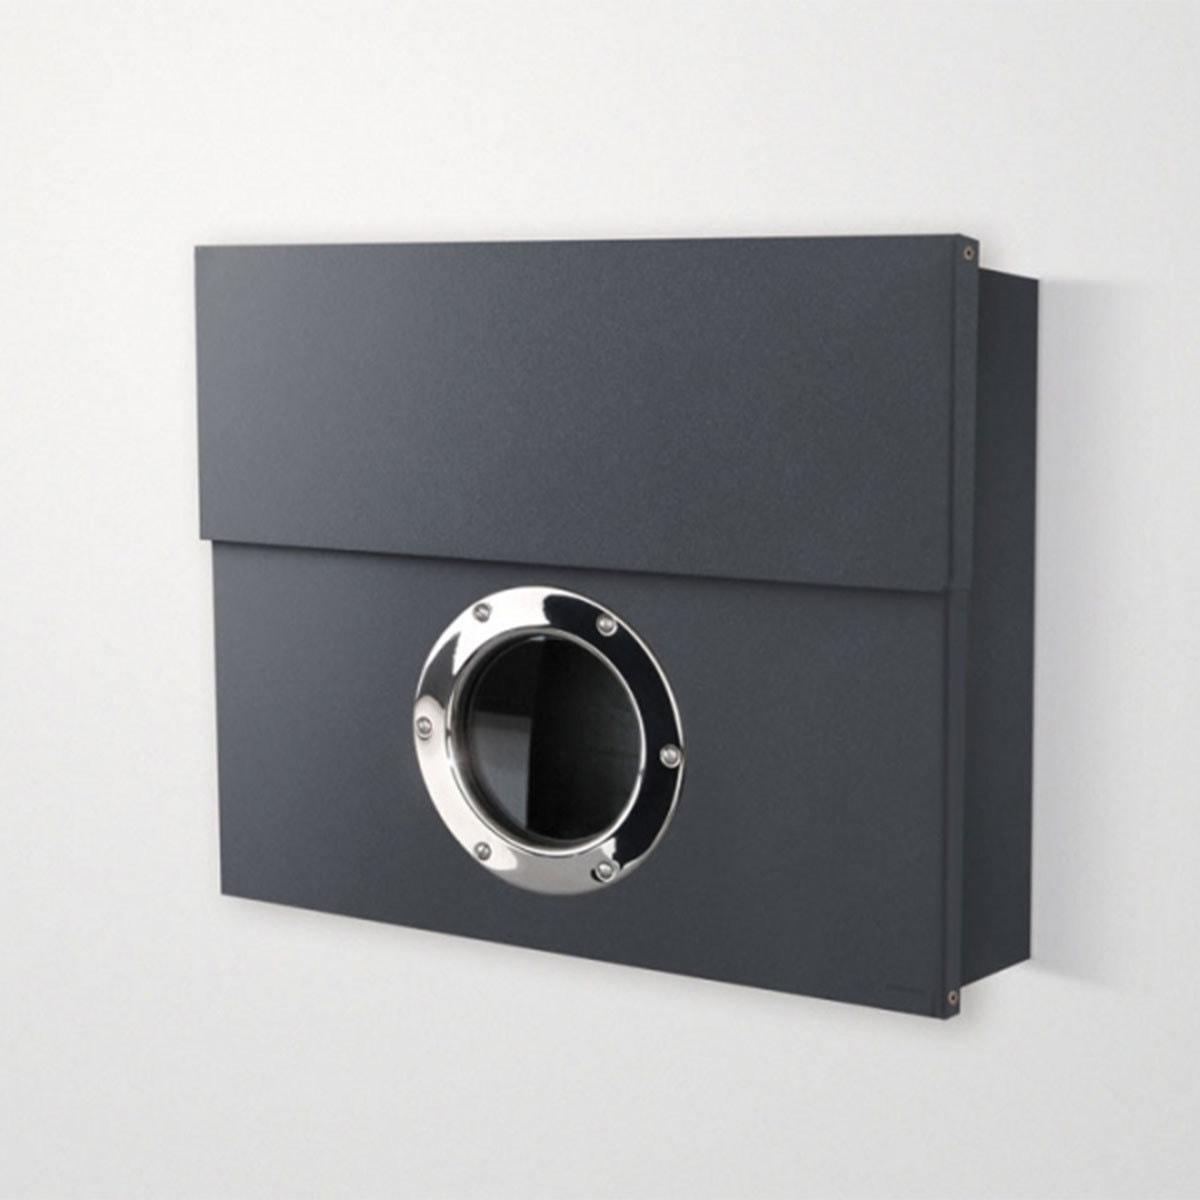 radius briefkasten letterman xxl anthrazit briefkasten outdoor livingtools design zum leben. Black Bedroom Furniture Sets. Home Design Ideas